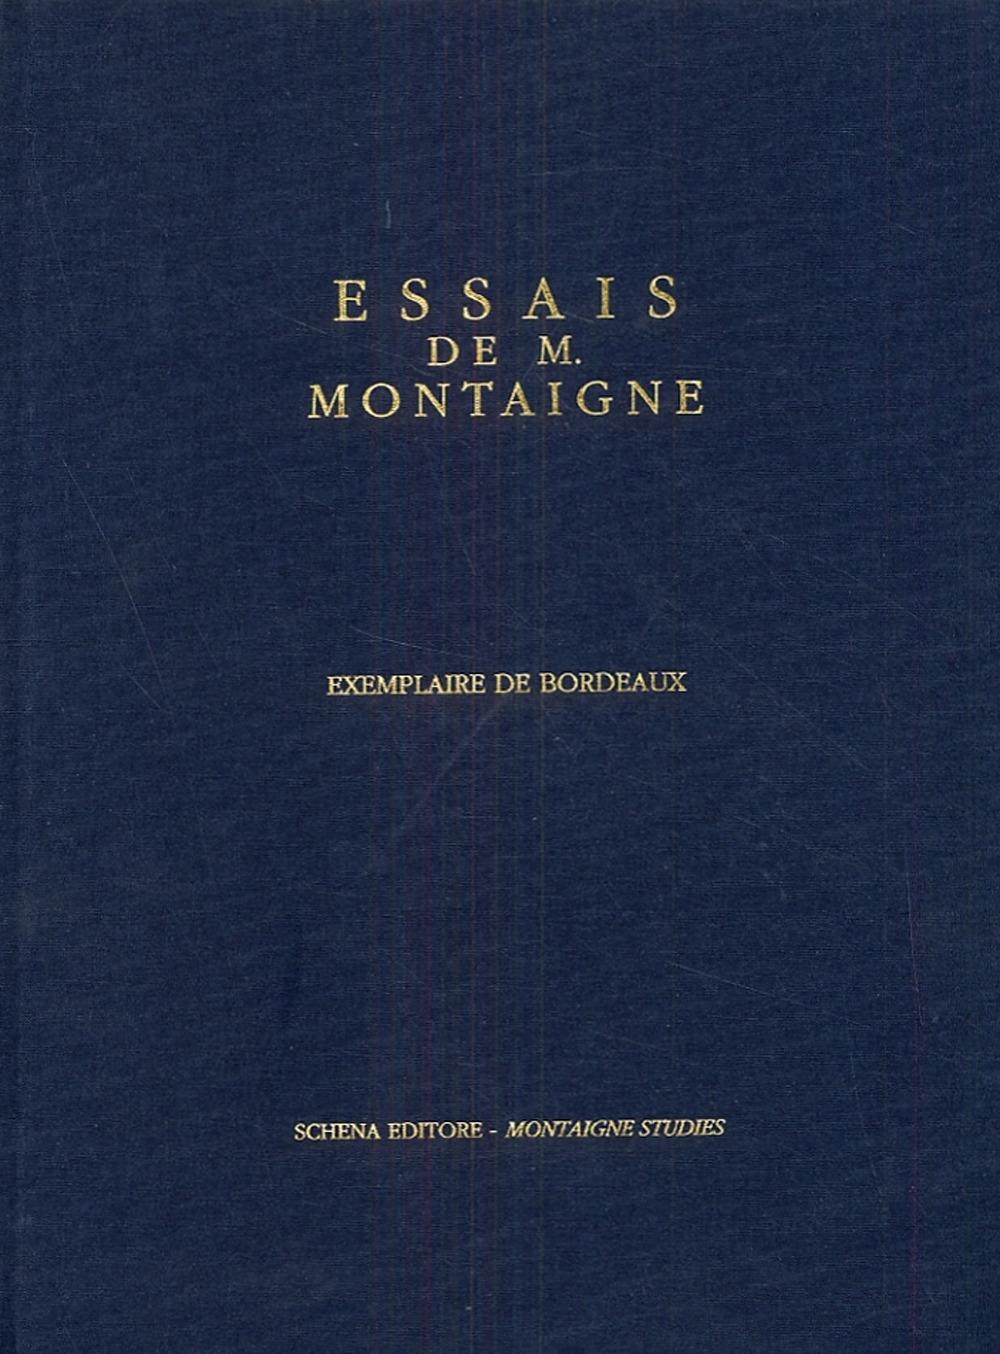 Essais de Montaigne (Exemplaire de Bordeaux).